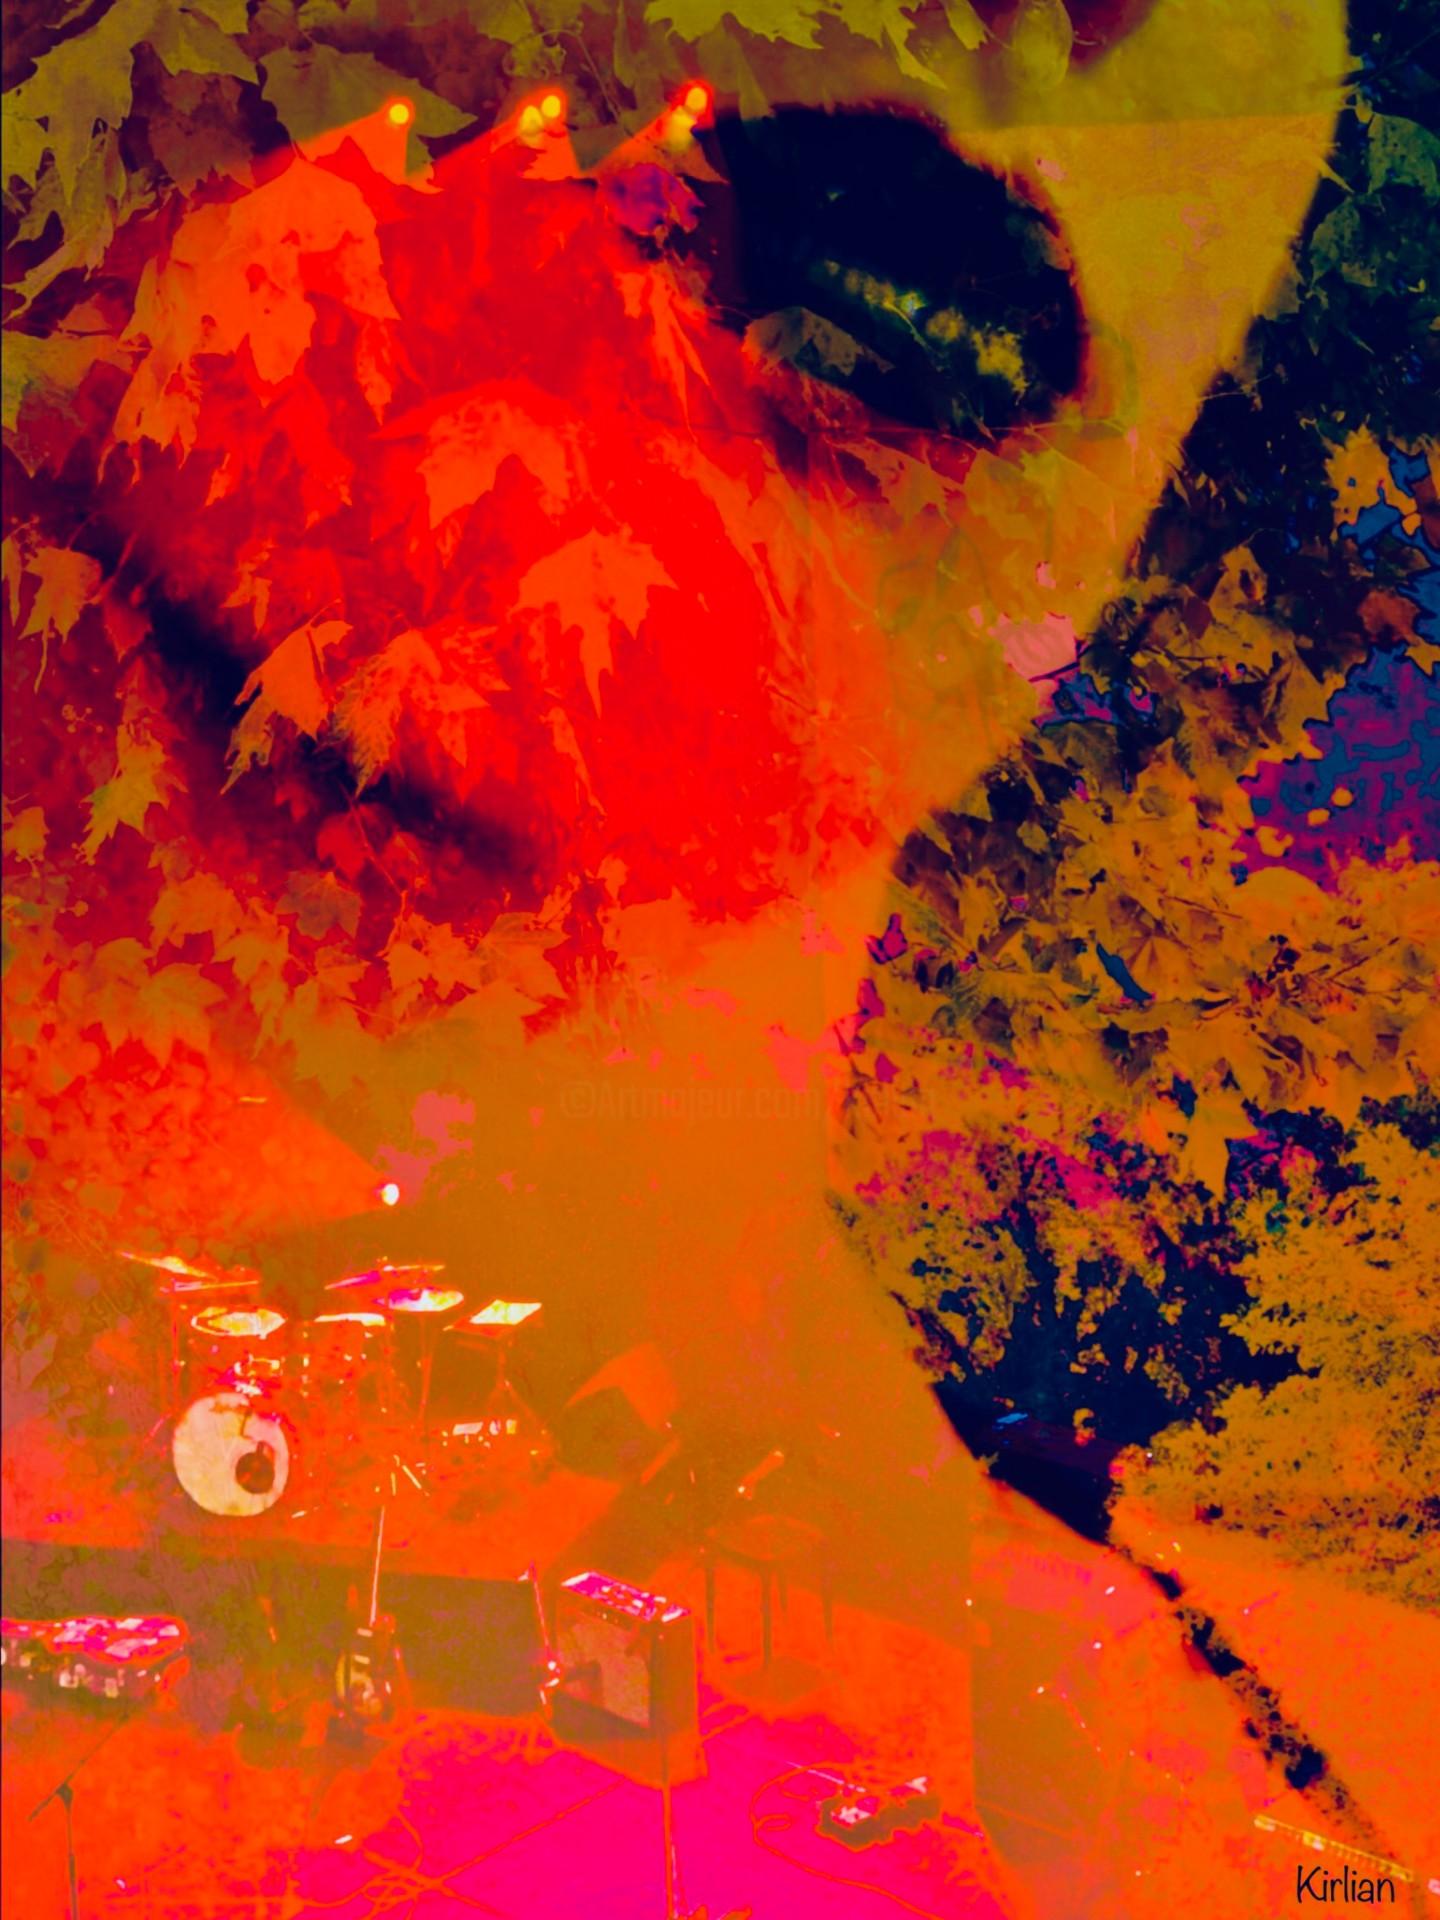 Kirlian - RockaRolla #artistsupportpledge